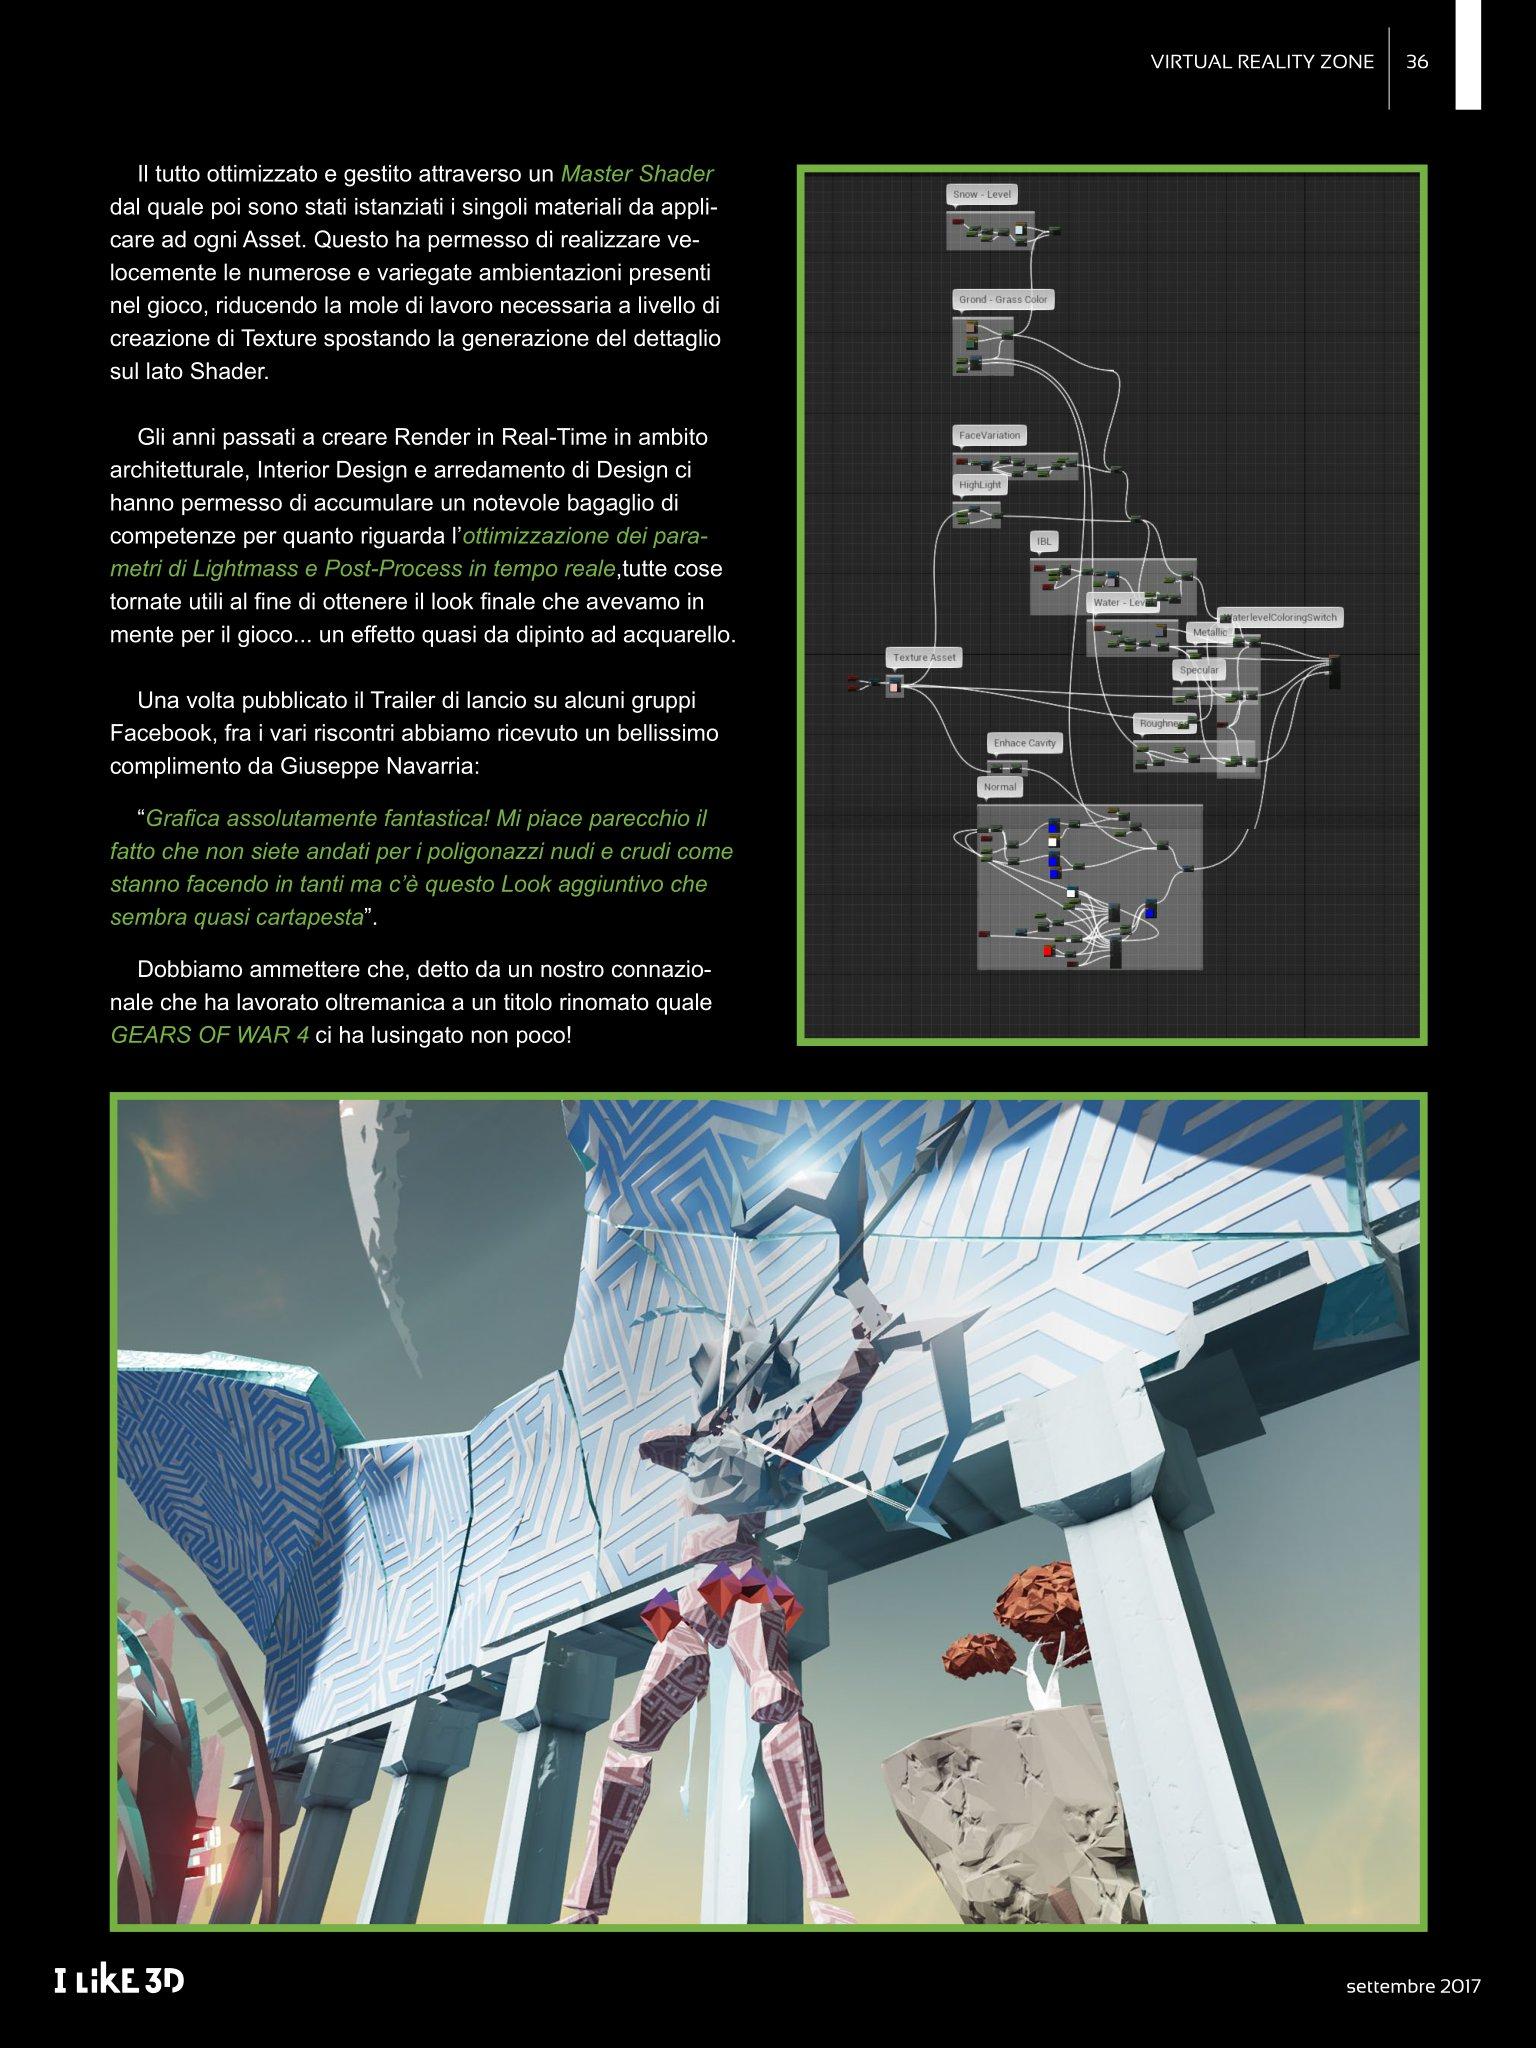 VR Zone - I Like 3D #16